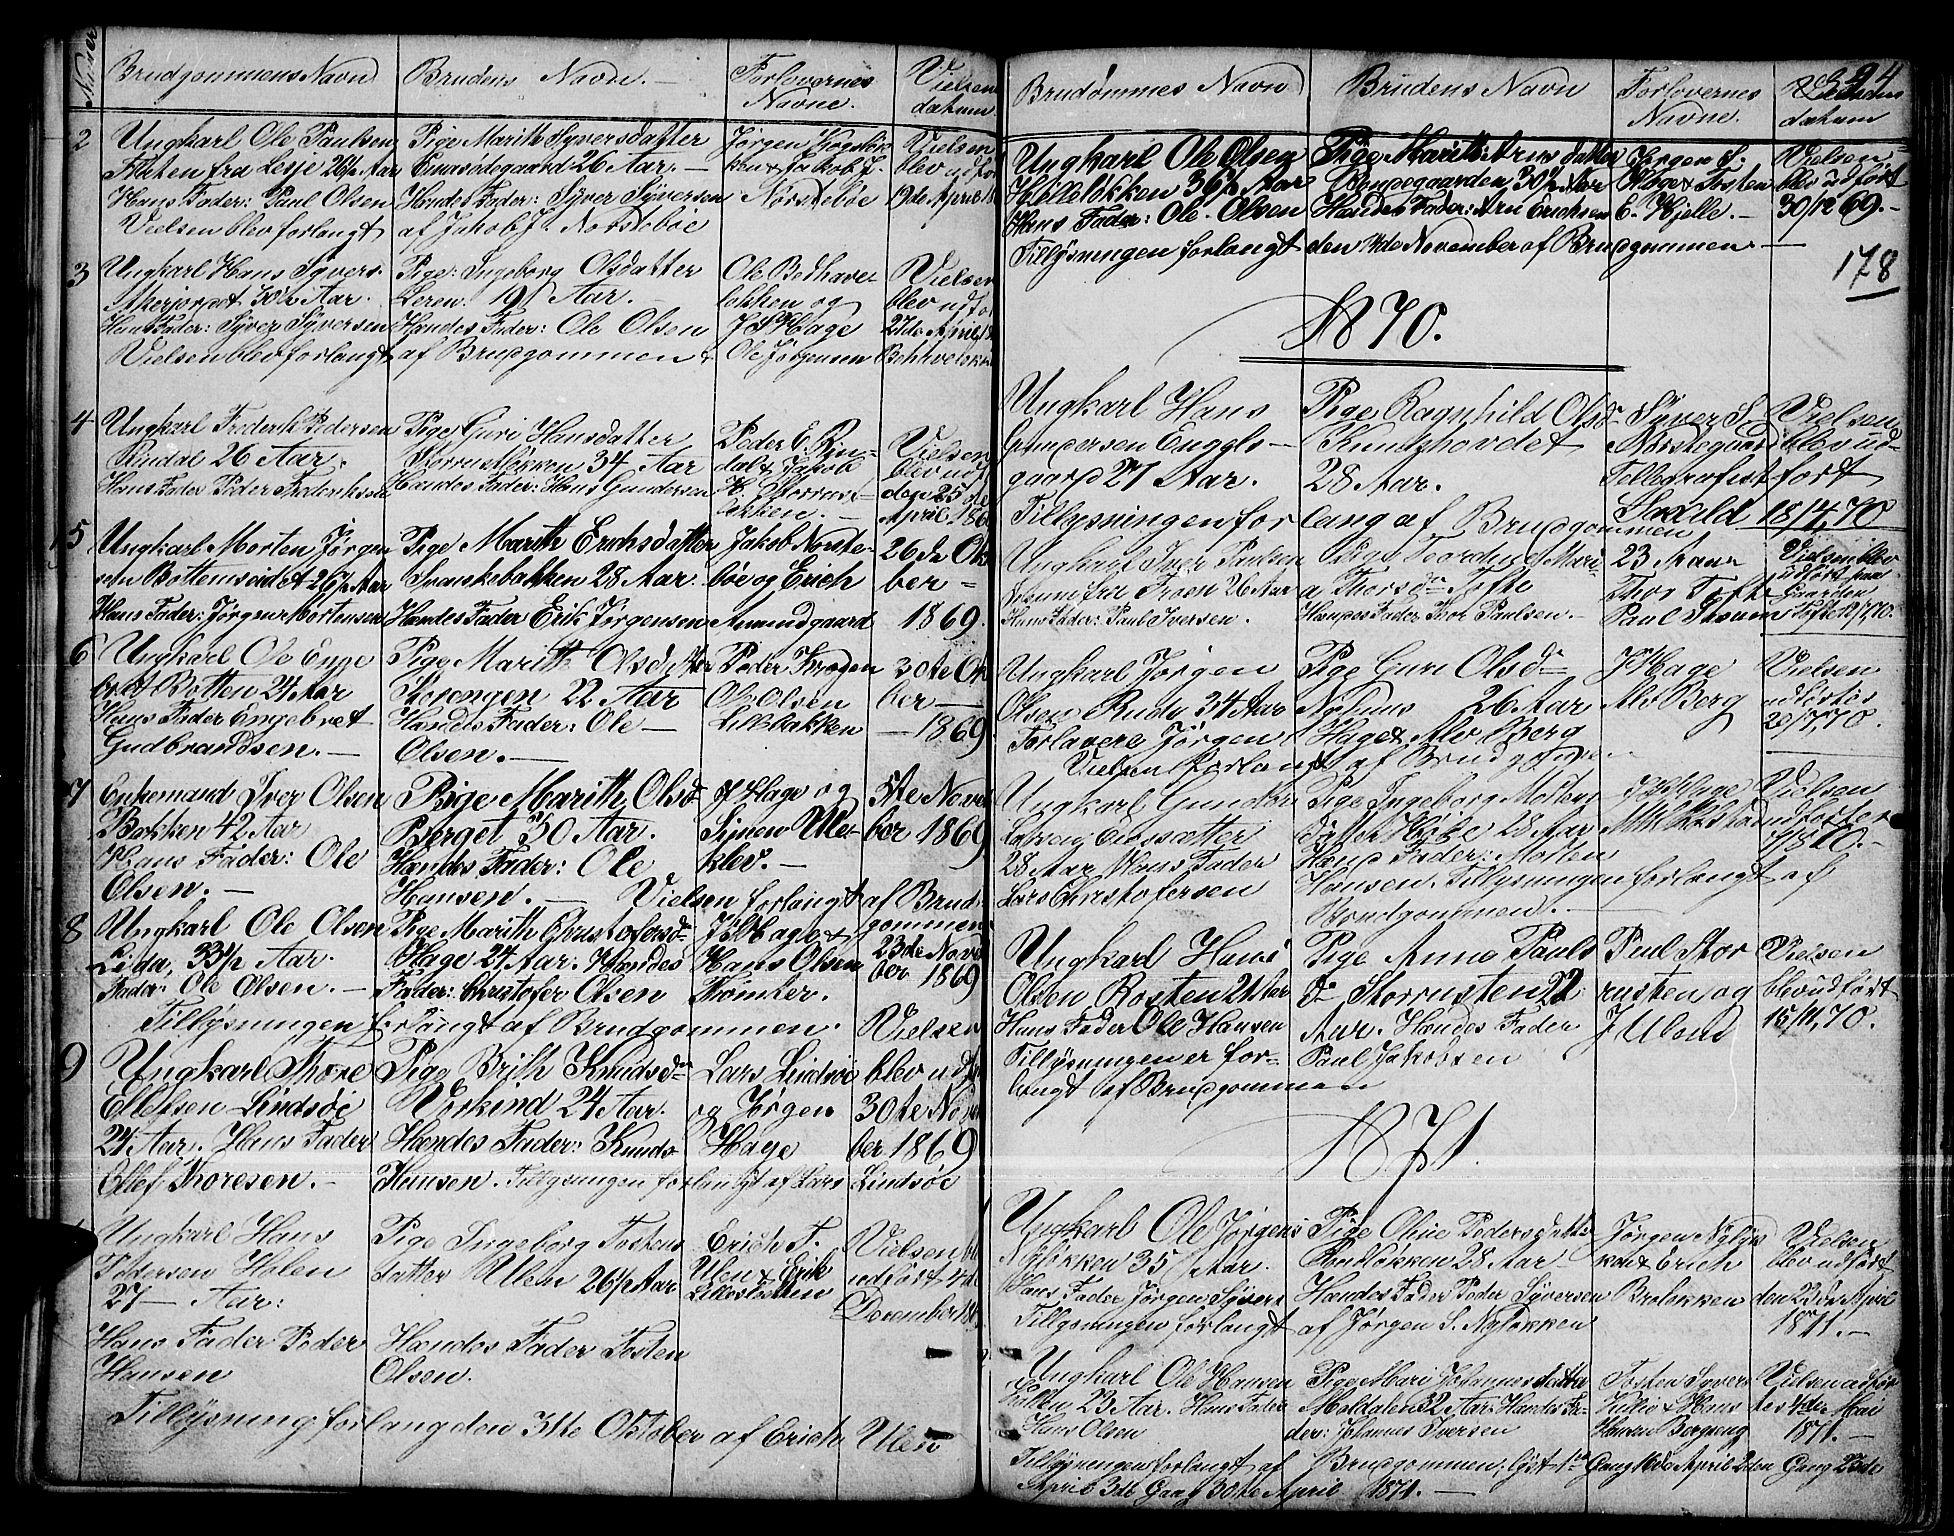 SAH, Dovre prestekontor, Klokkerbok nr. 1, 1862-1880, s. 324